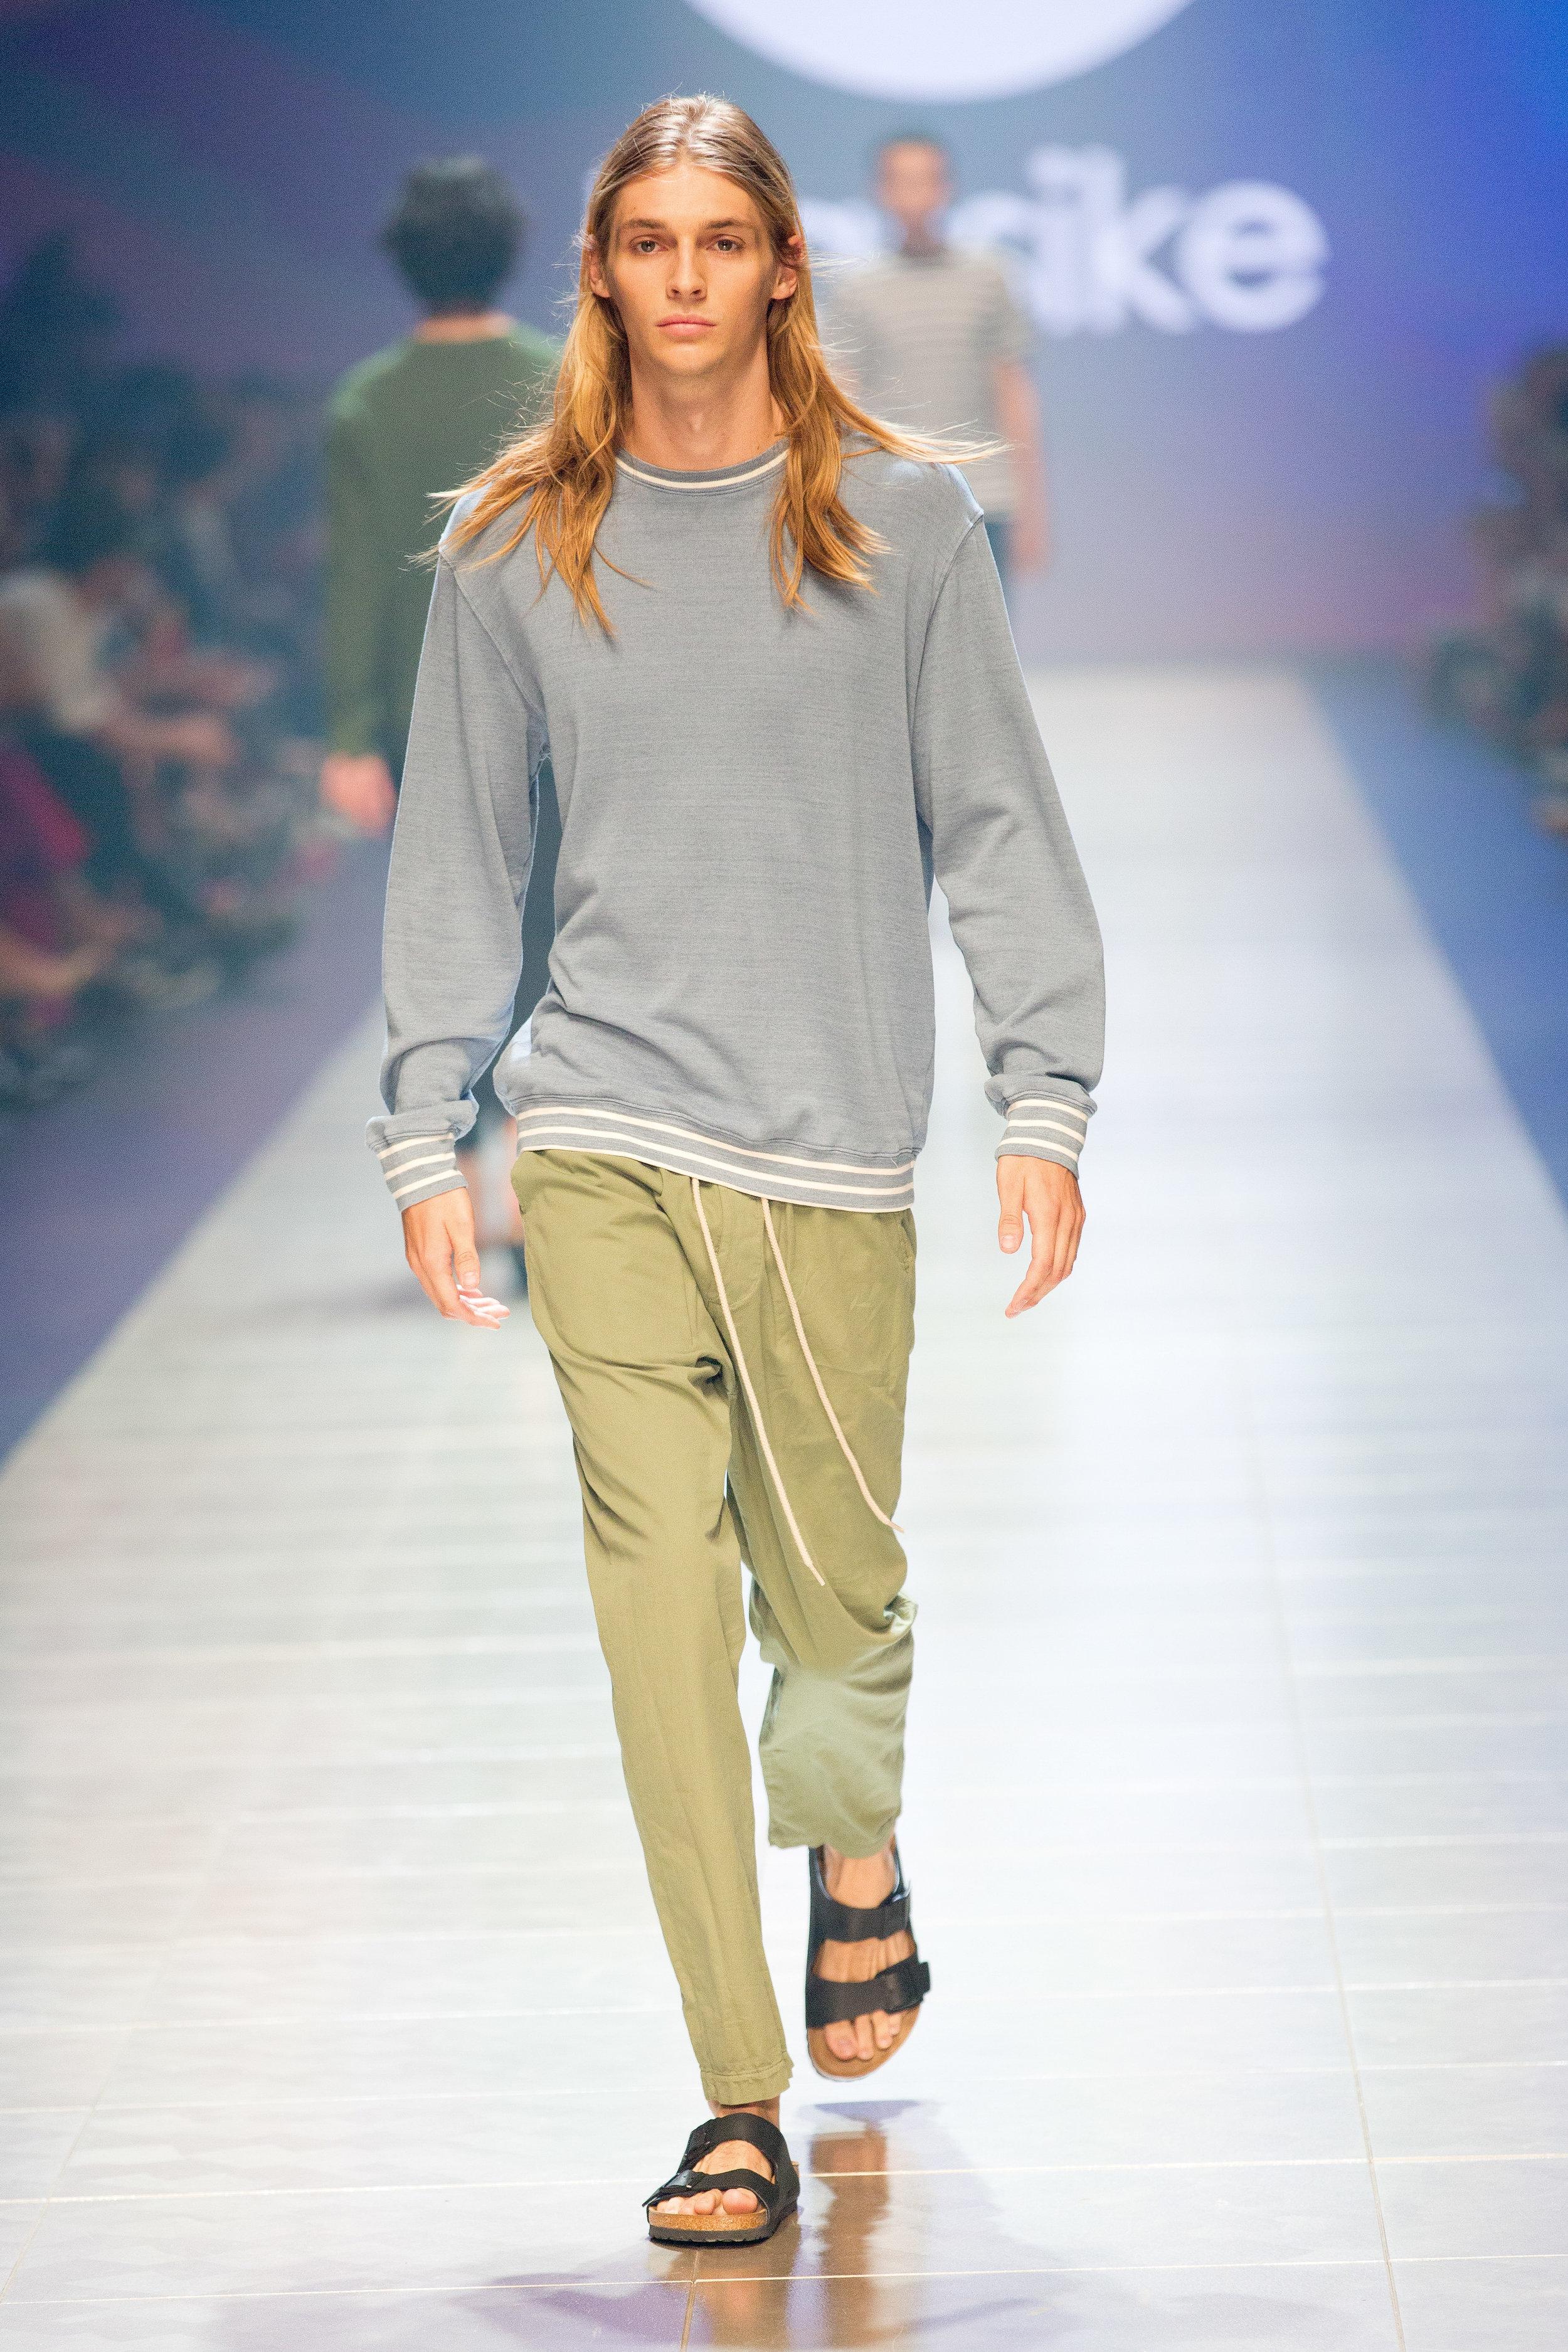 VAMFF2019_GQ Menswear-237.jpg